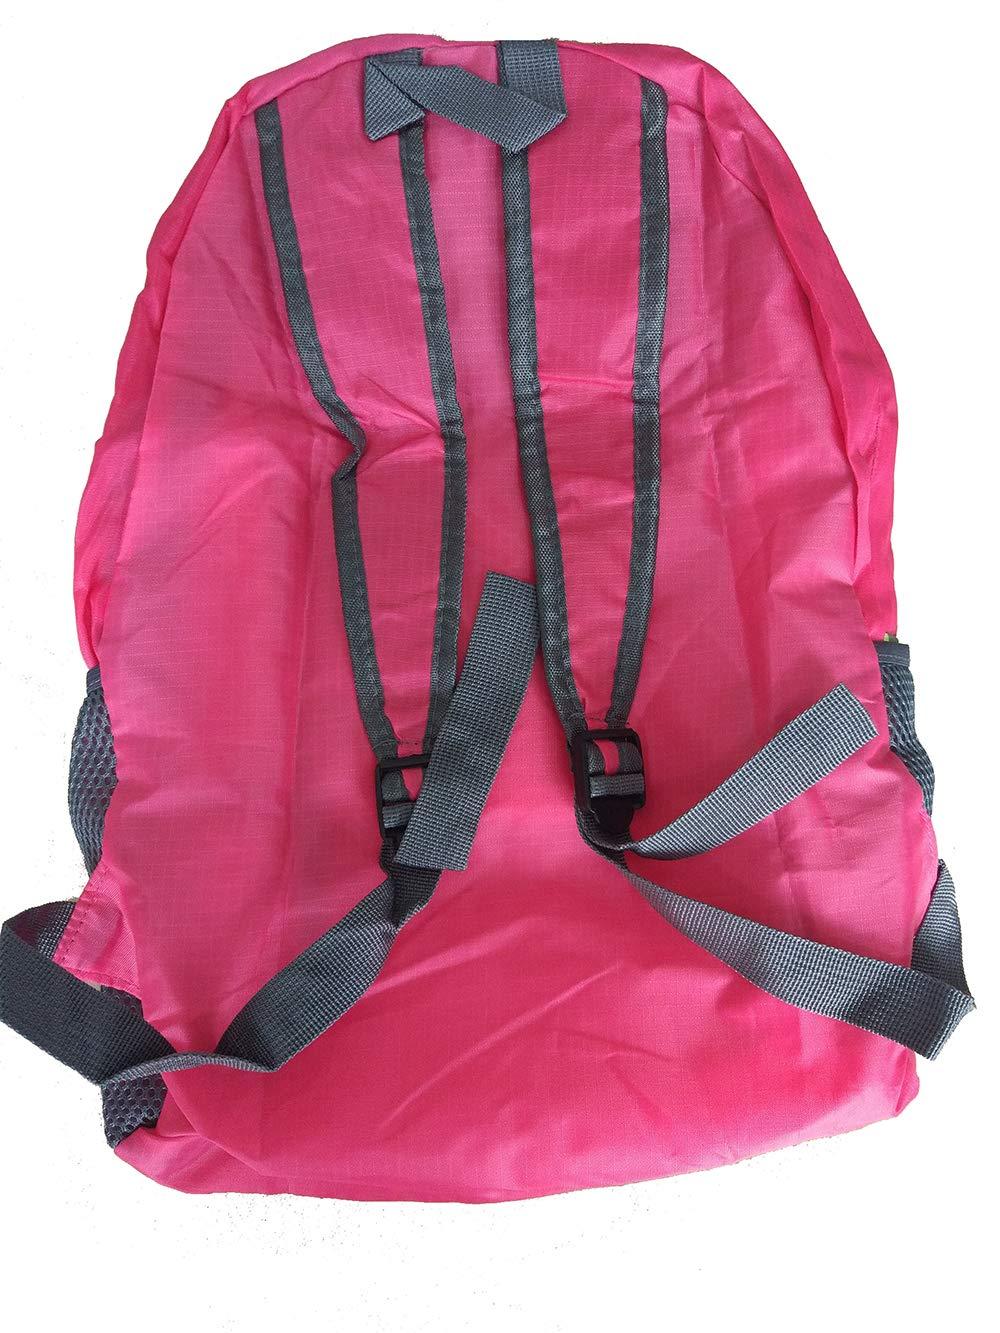 Hutou men women Storage bags Travel Backpack Foldable shoulder bag